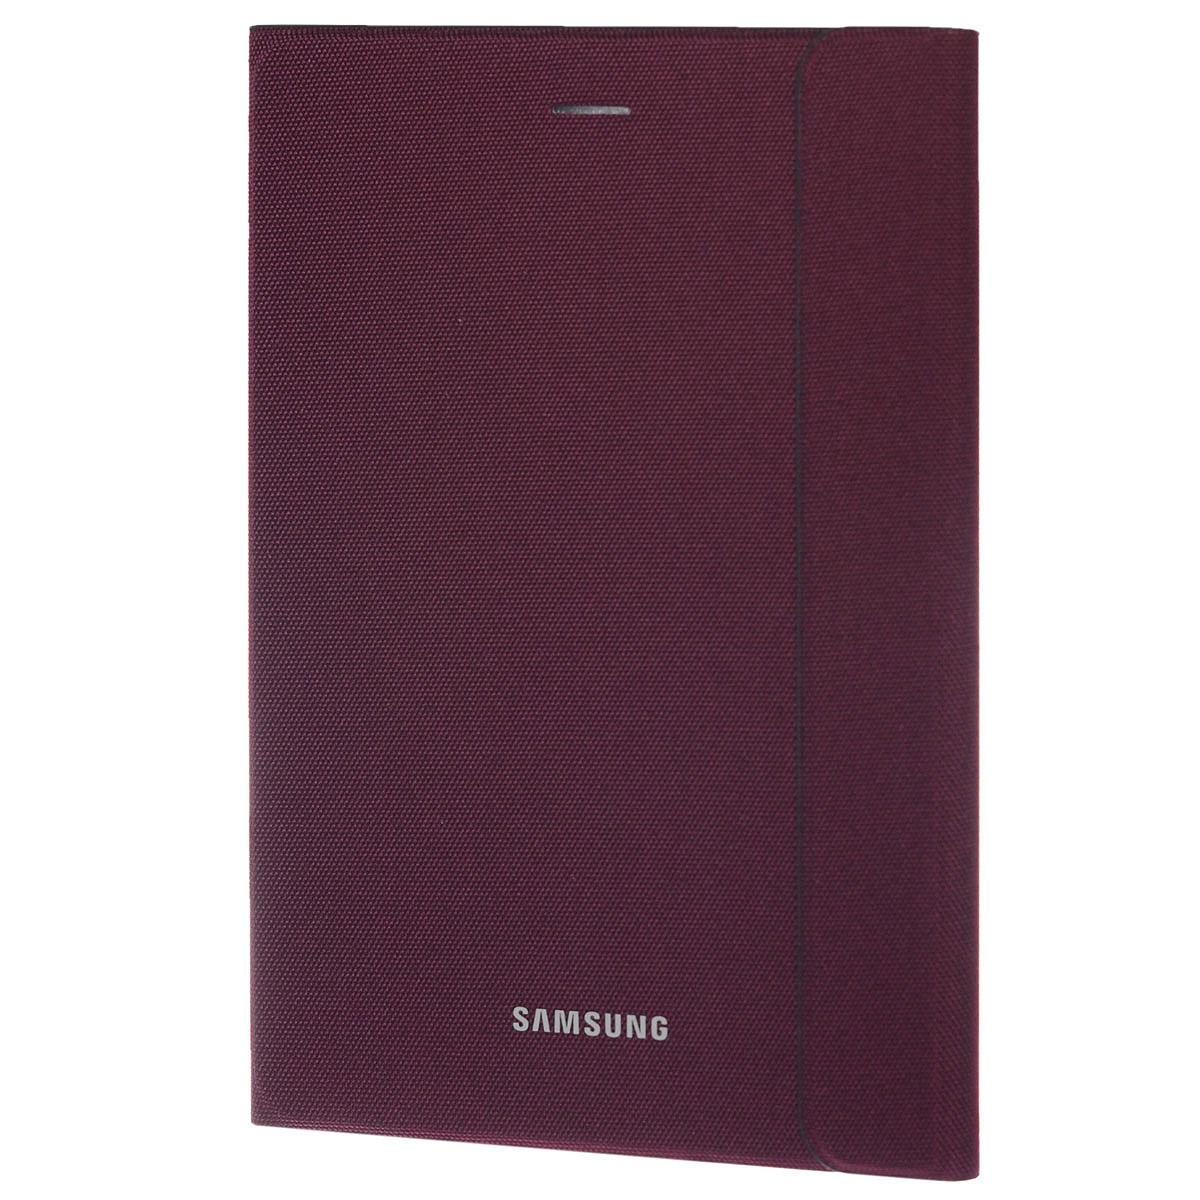 Samsung EF-BT350B BookCover чехол для Galaxy Tab A 8, VinousEF-BT350BQEGRUSamsung EF-BT350B BookCover -стильный и надежный аксессуар, позволяющий сохранить устройство в идеальном состоянии. Надежно удерживая технику, чехол защищает корпус и дисплей от появления царапин, налипания пыли. Имеется свободный доступ ко всем разъемам устройства.